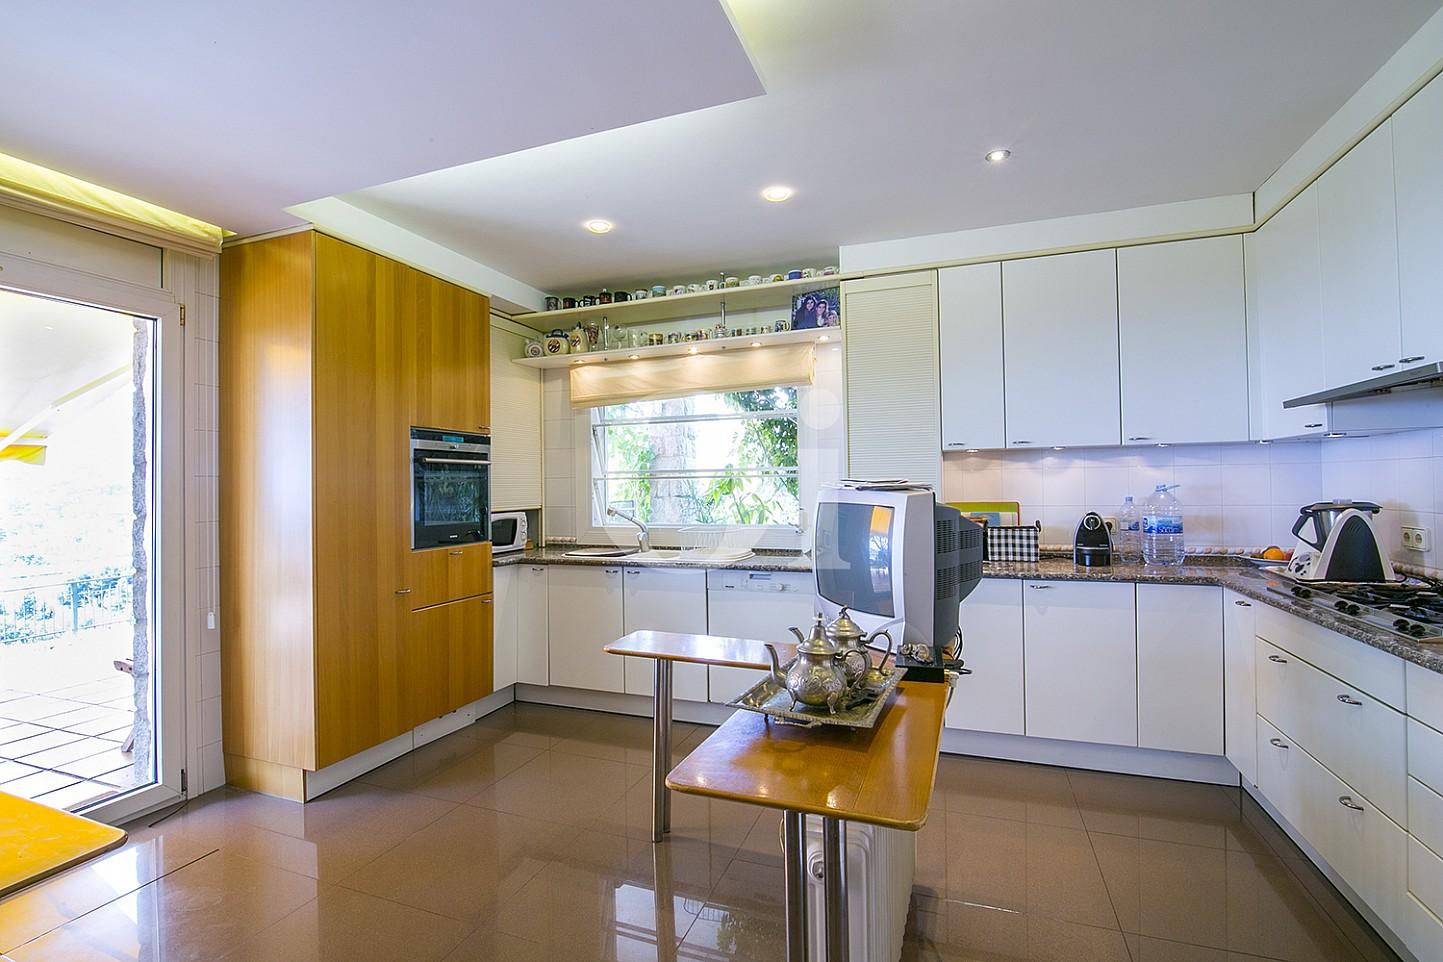 Luminosa cocina equipada y de estilo americana abierta a la zona exterior de la vivienda situada en Cabrils